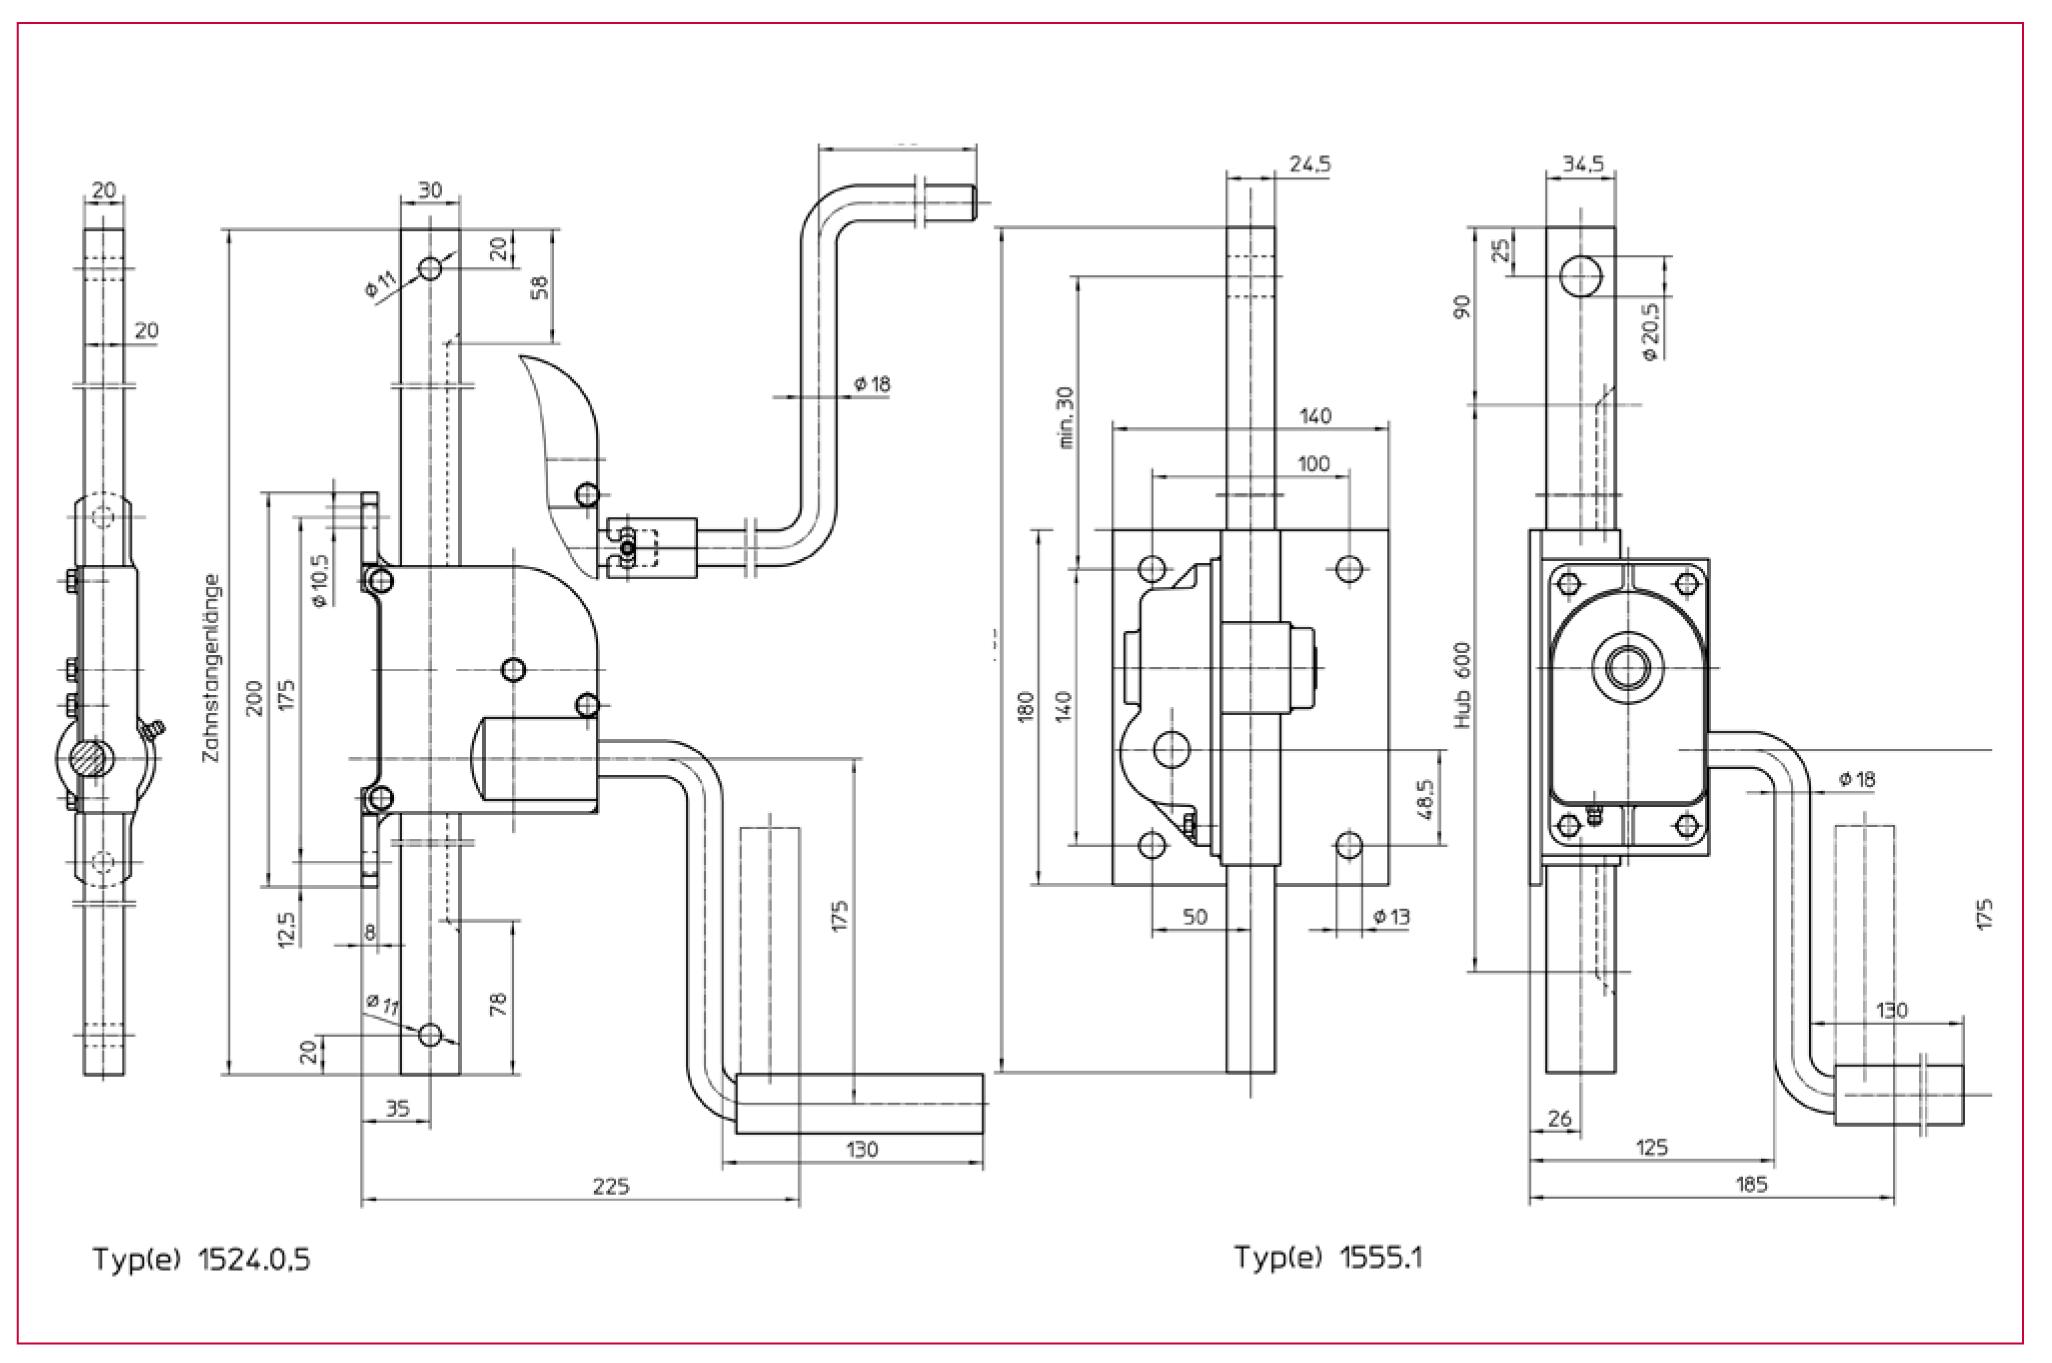 Hřebenový zvedák HAACON. typ 1524 a 1555 se šnekovým převodem